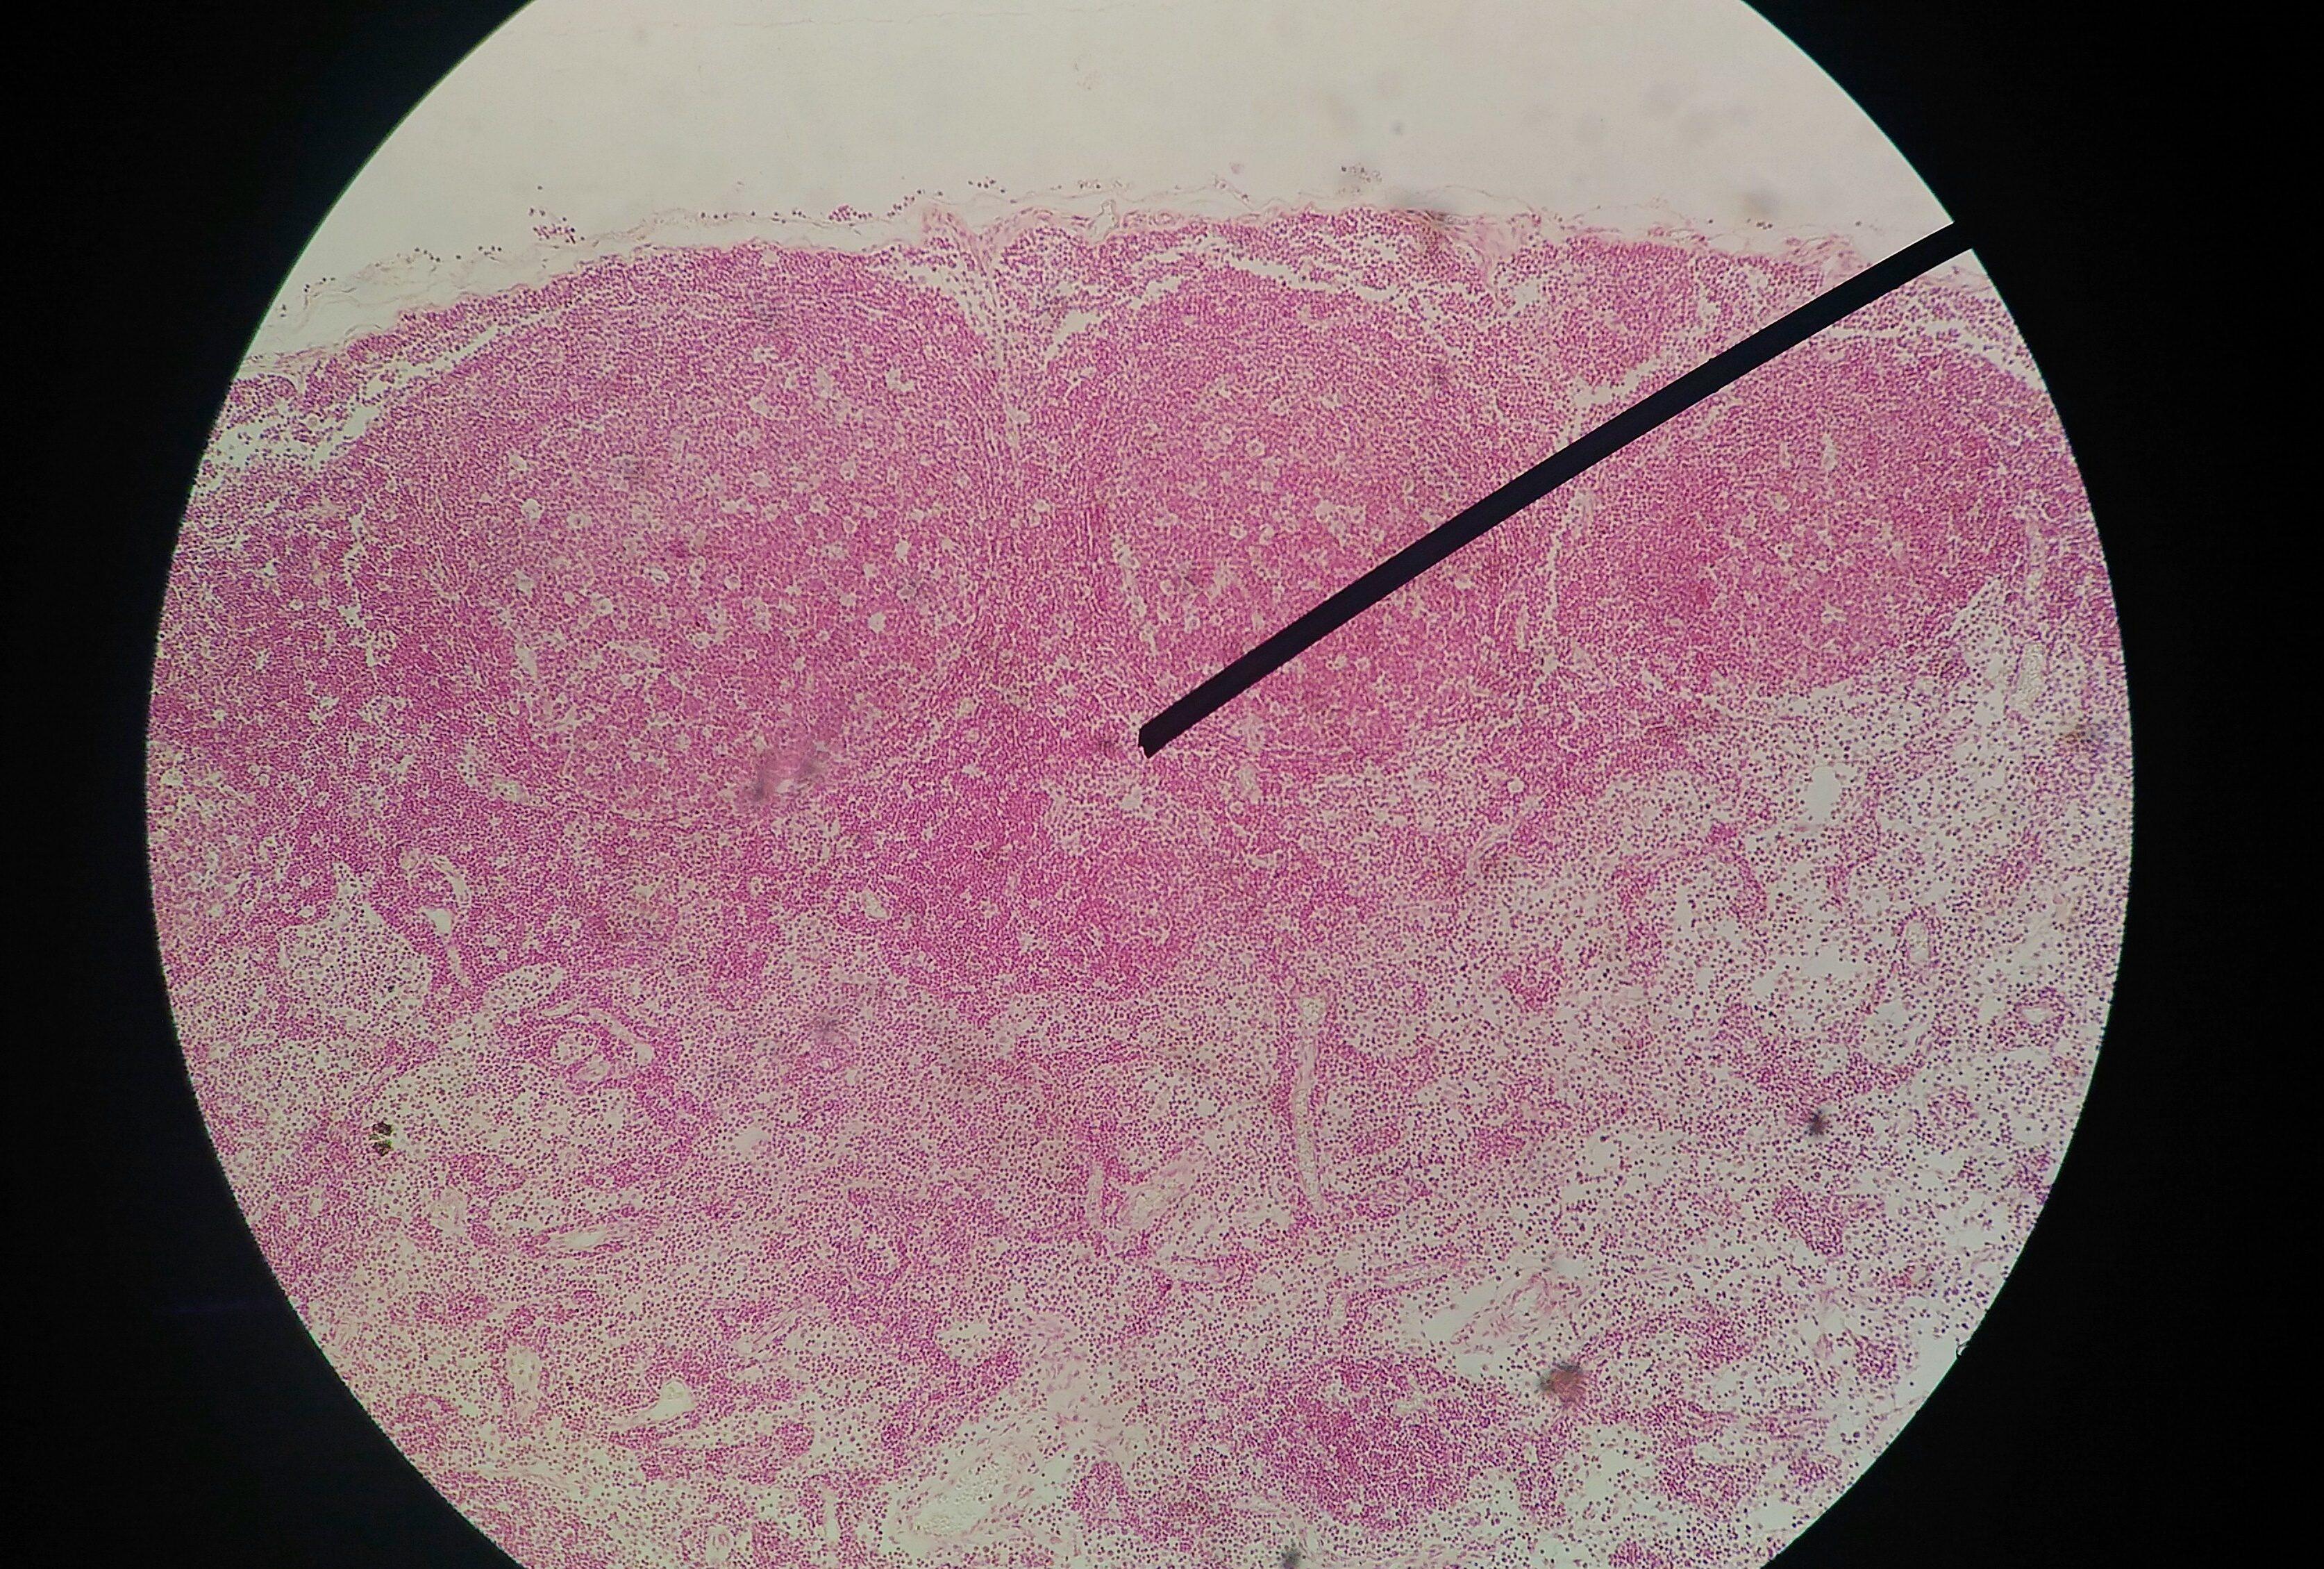 papilloma test sintomi papilloma virus in human